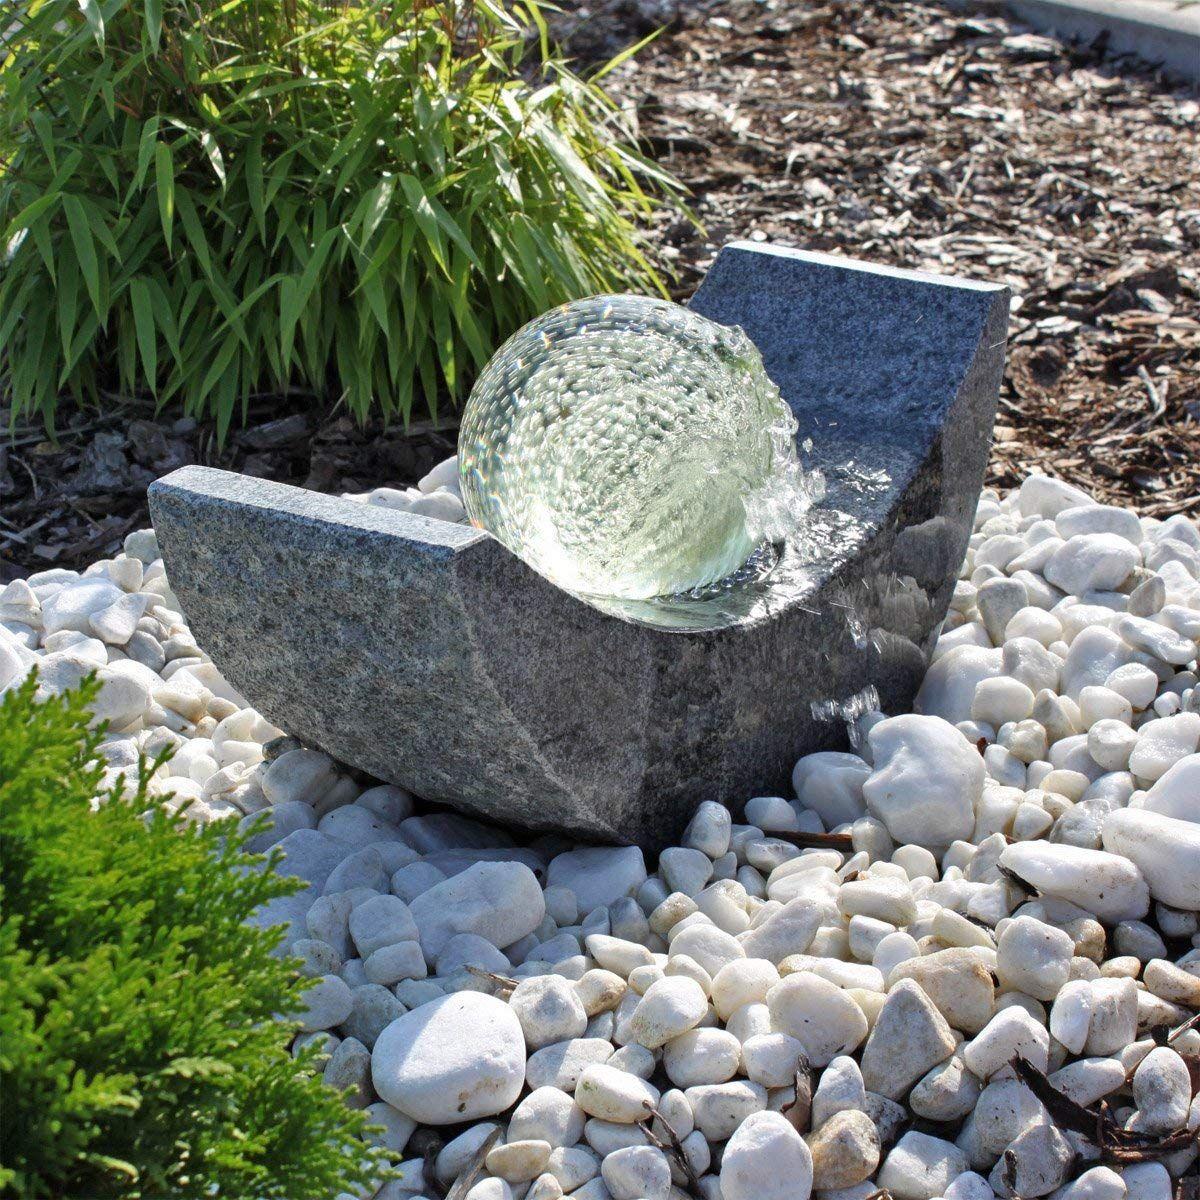 Granit Springbrunnen Sb15 Mit Drehender Glaskugel Und Led Beleuchtung Gartenbrunnen Kugelbrunnen Amazon De Garten Gartenbrunnen Springbrunnen Led Beleuchtung